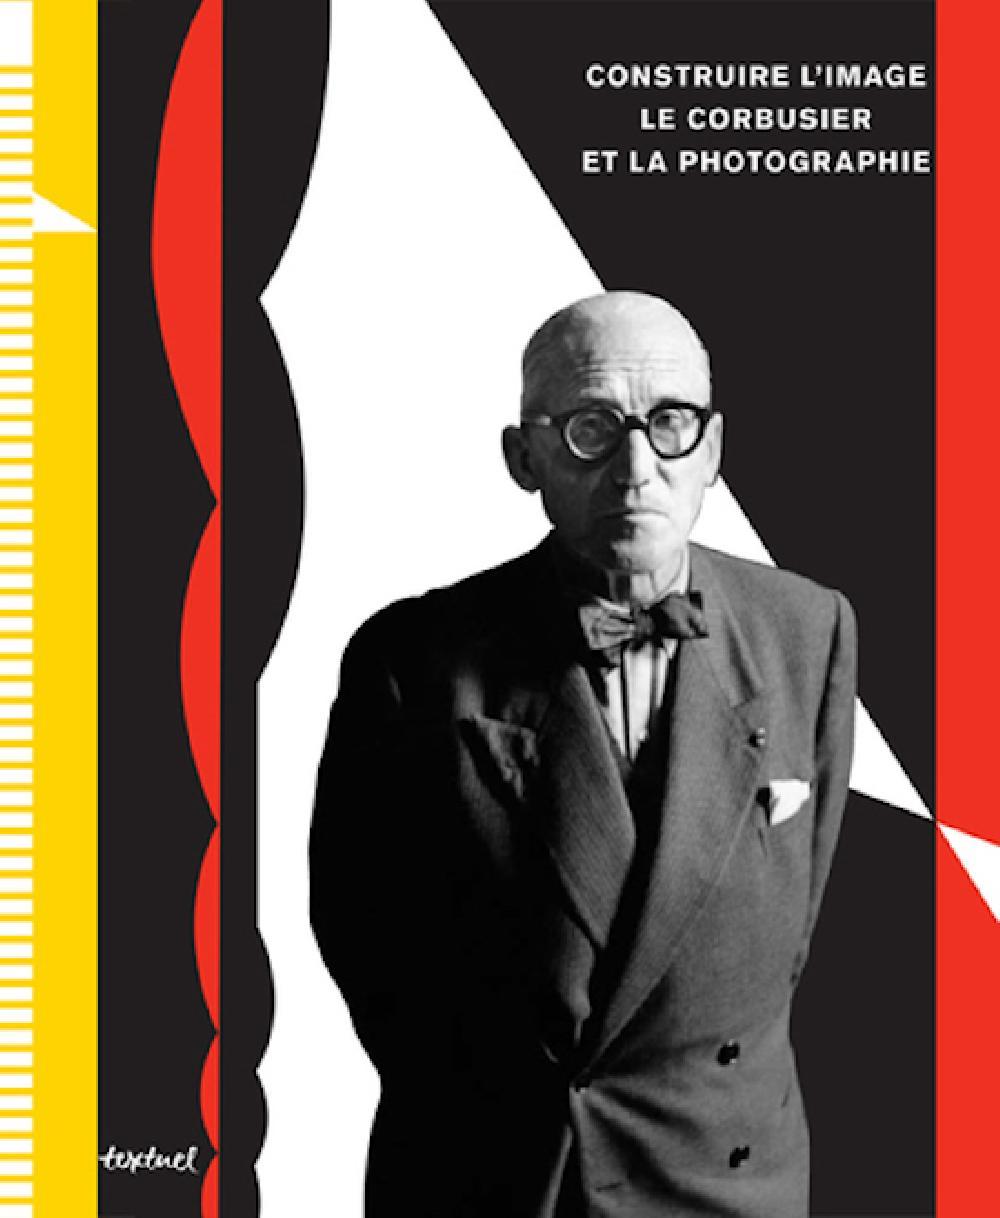 Construire l'image: Le Corbusier et la photographie